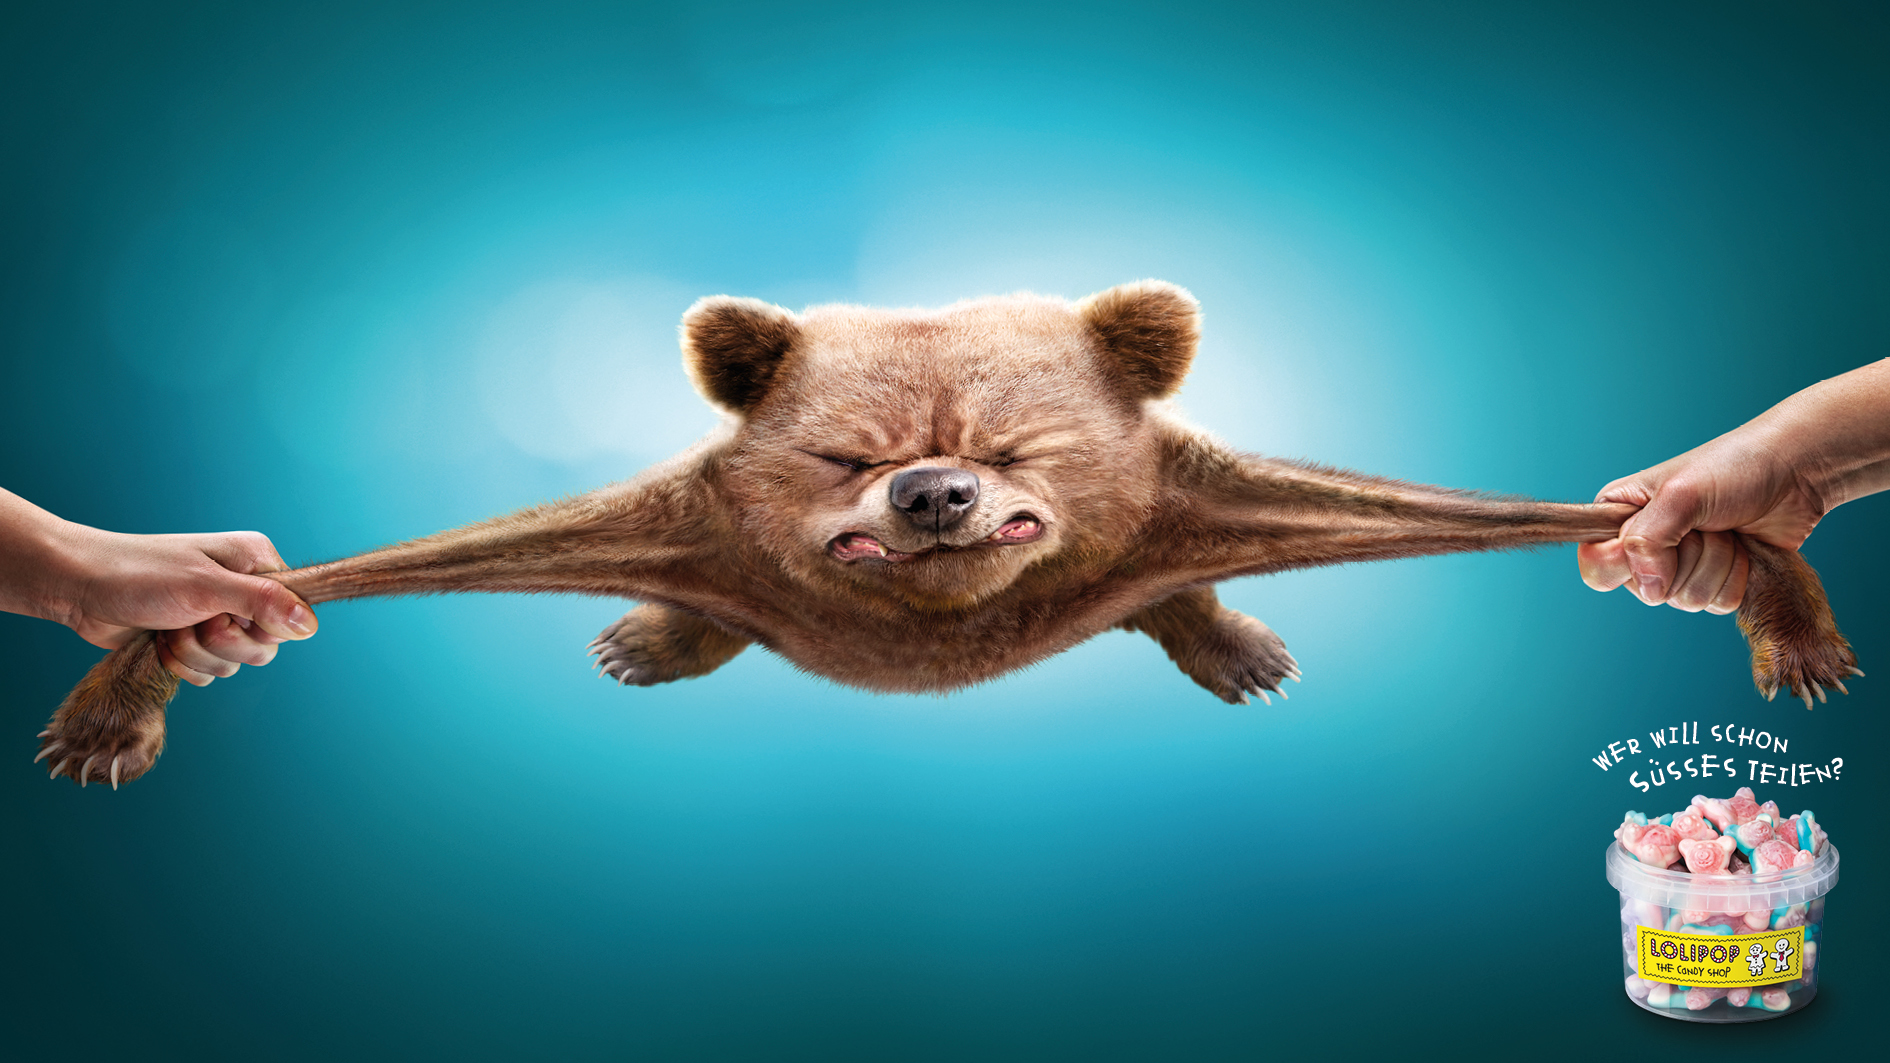 1_Lolipop_bear.jpg